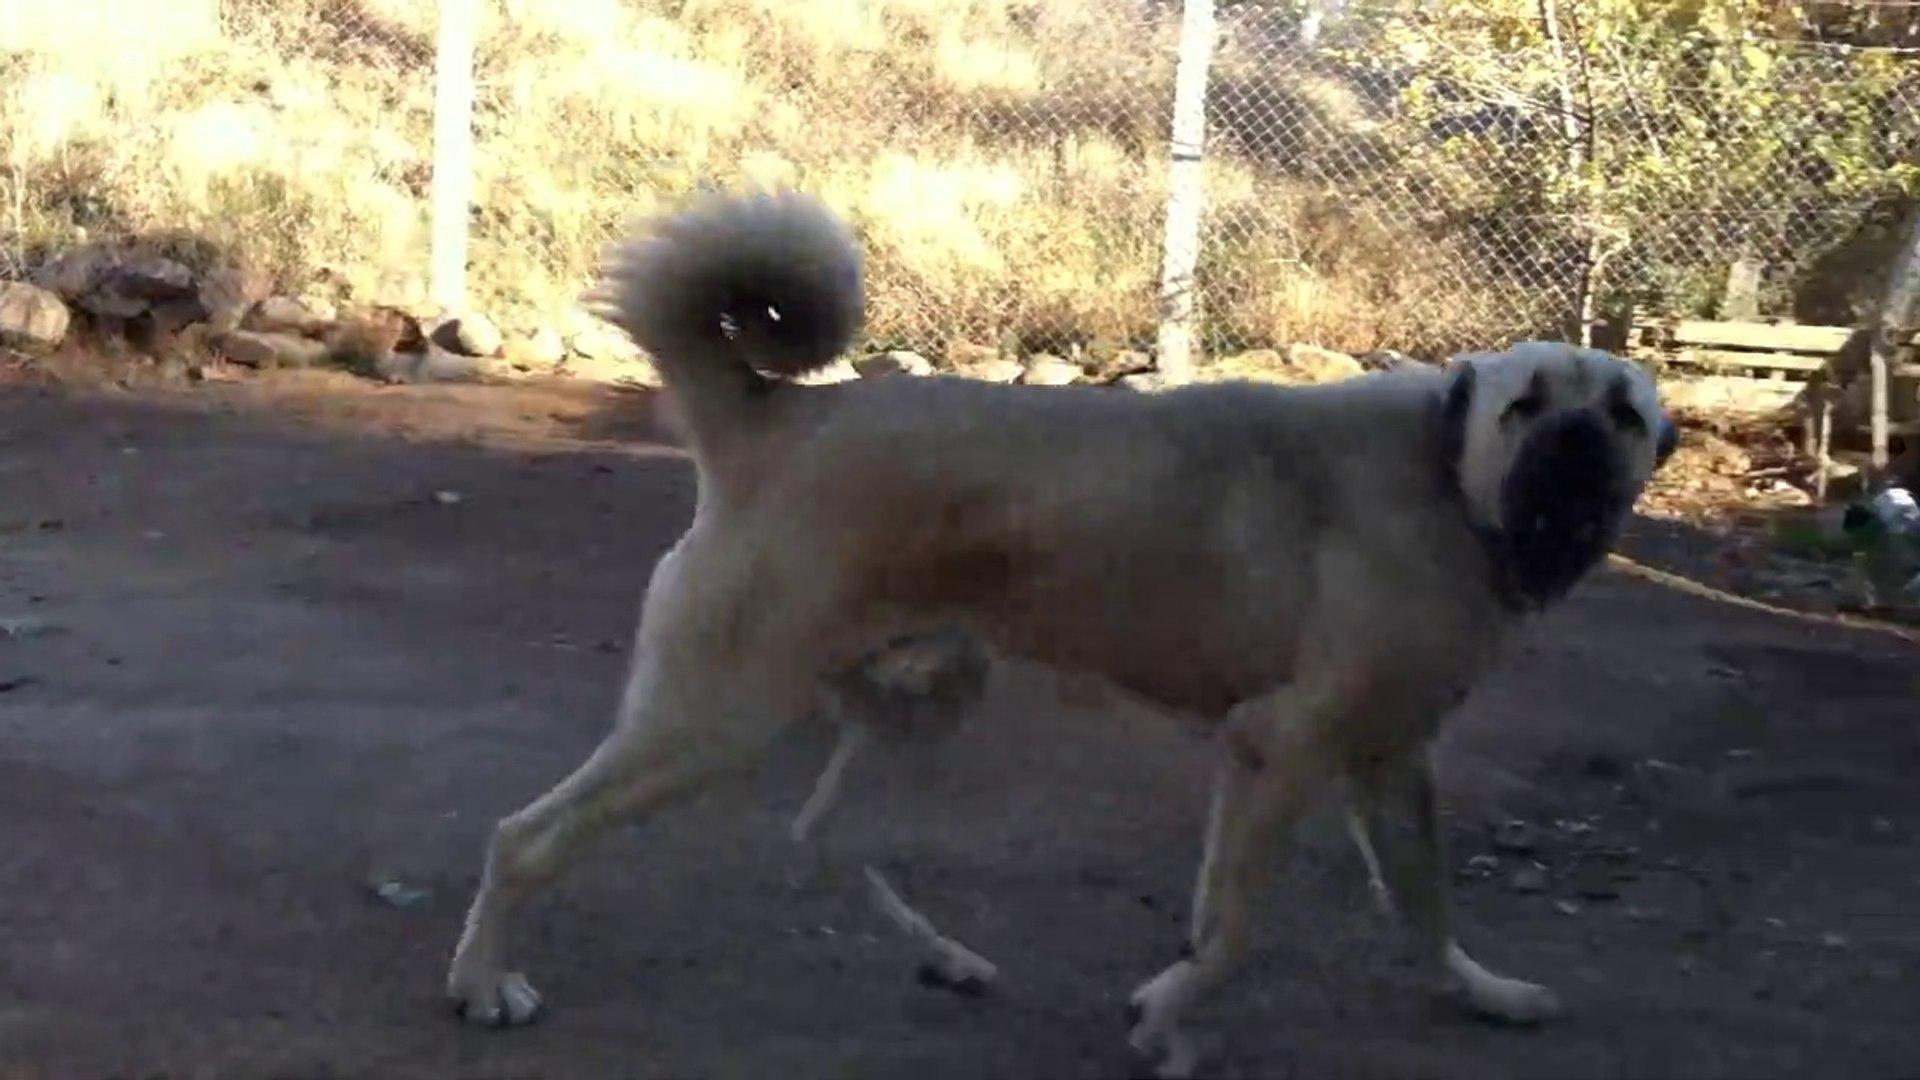 KOCA ASLAN VOLTA ATIYOR - GiANT ANATOLiAN SHEPHERD DOG